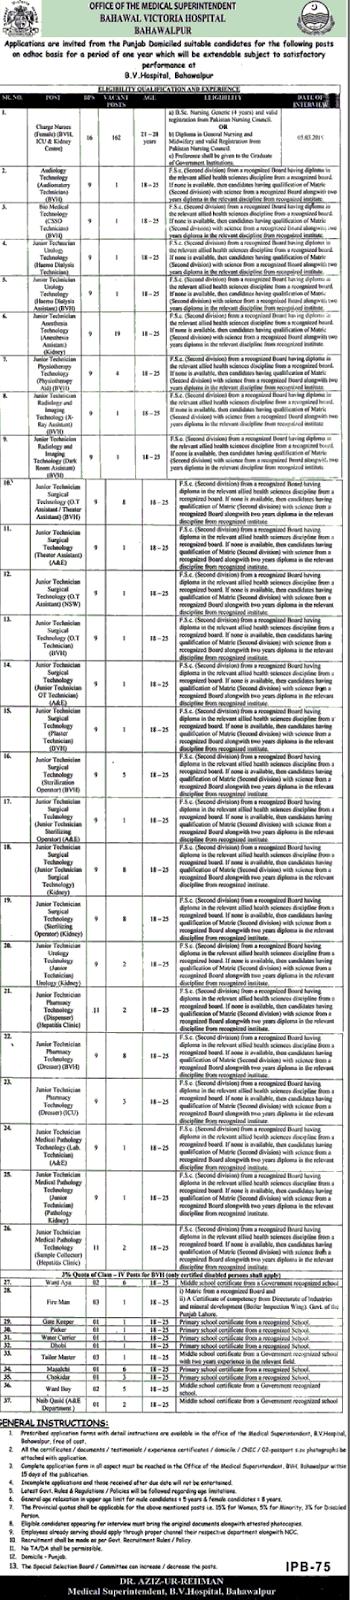 Health Department Bahawal pur Victoria Hospital jobs 2019